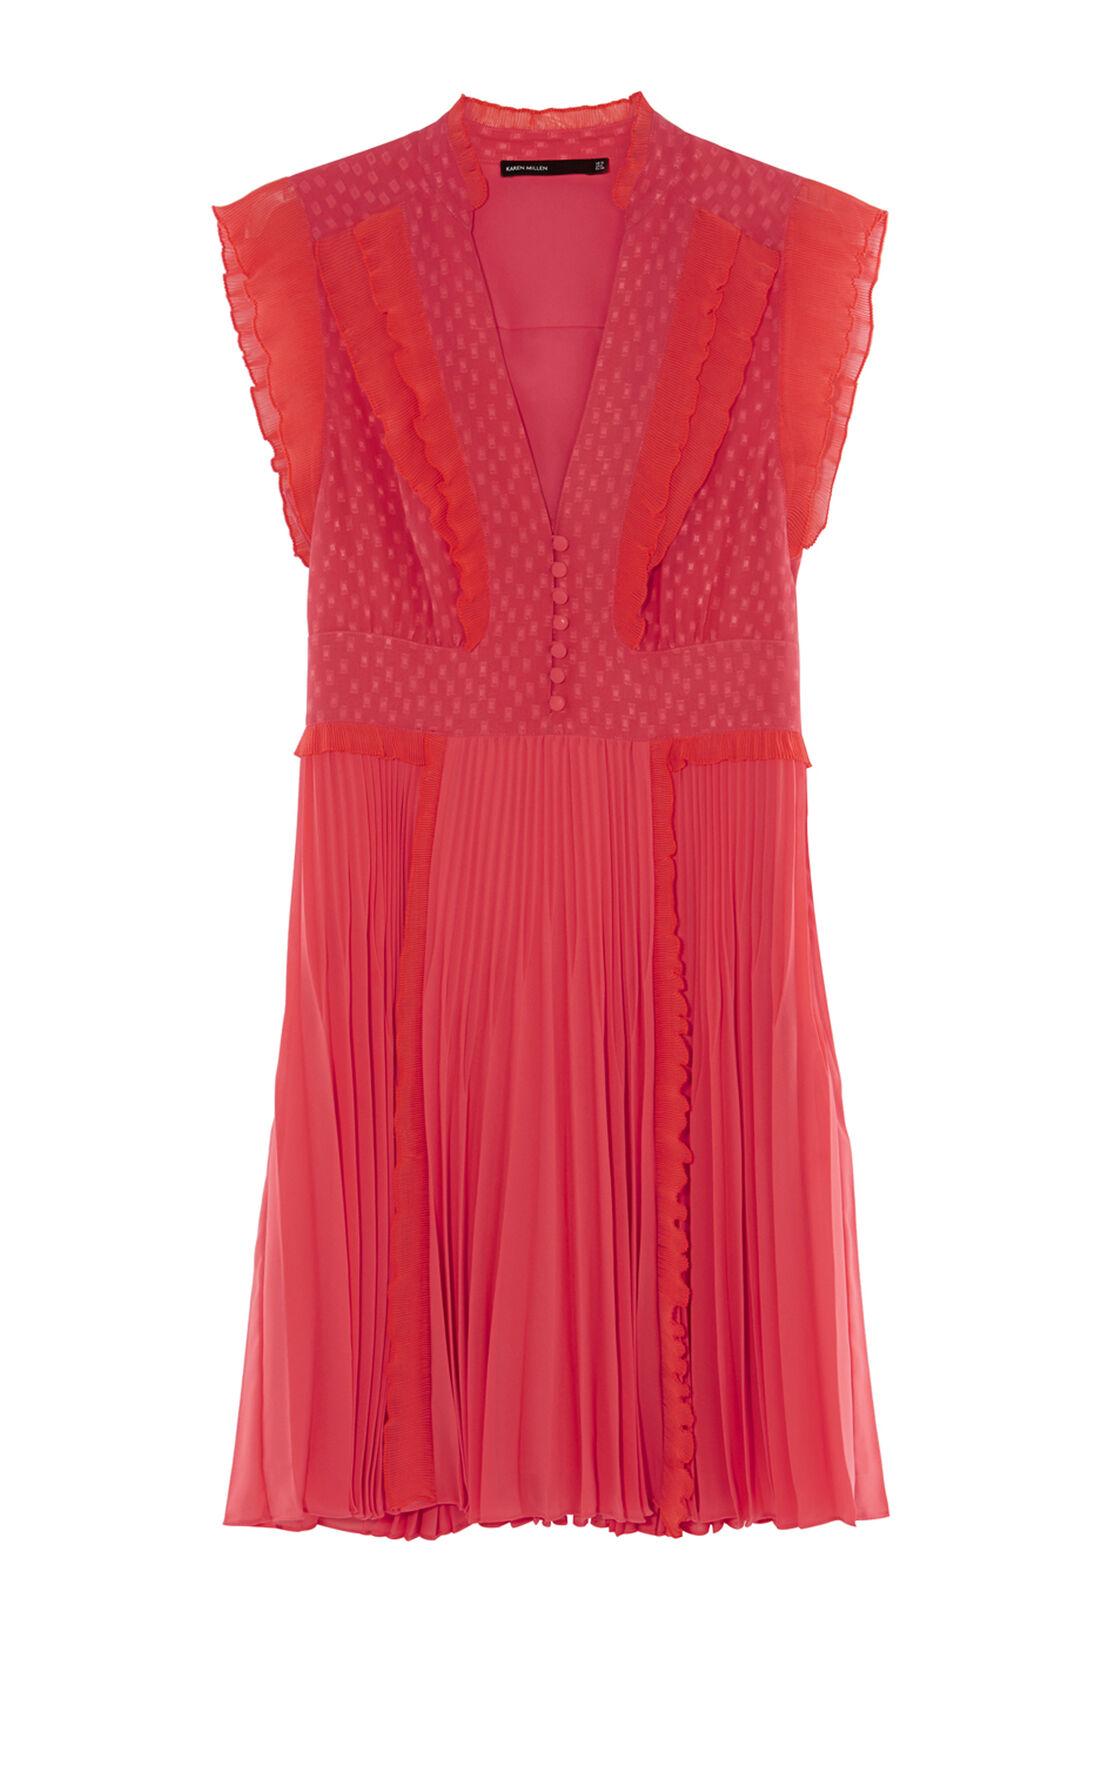 Karen Millen, PLEATED DRESS Coral 0